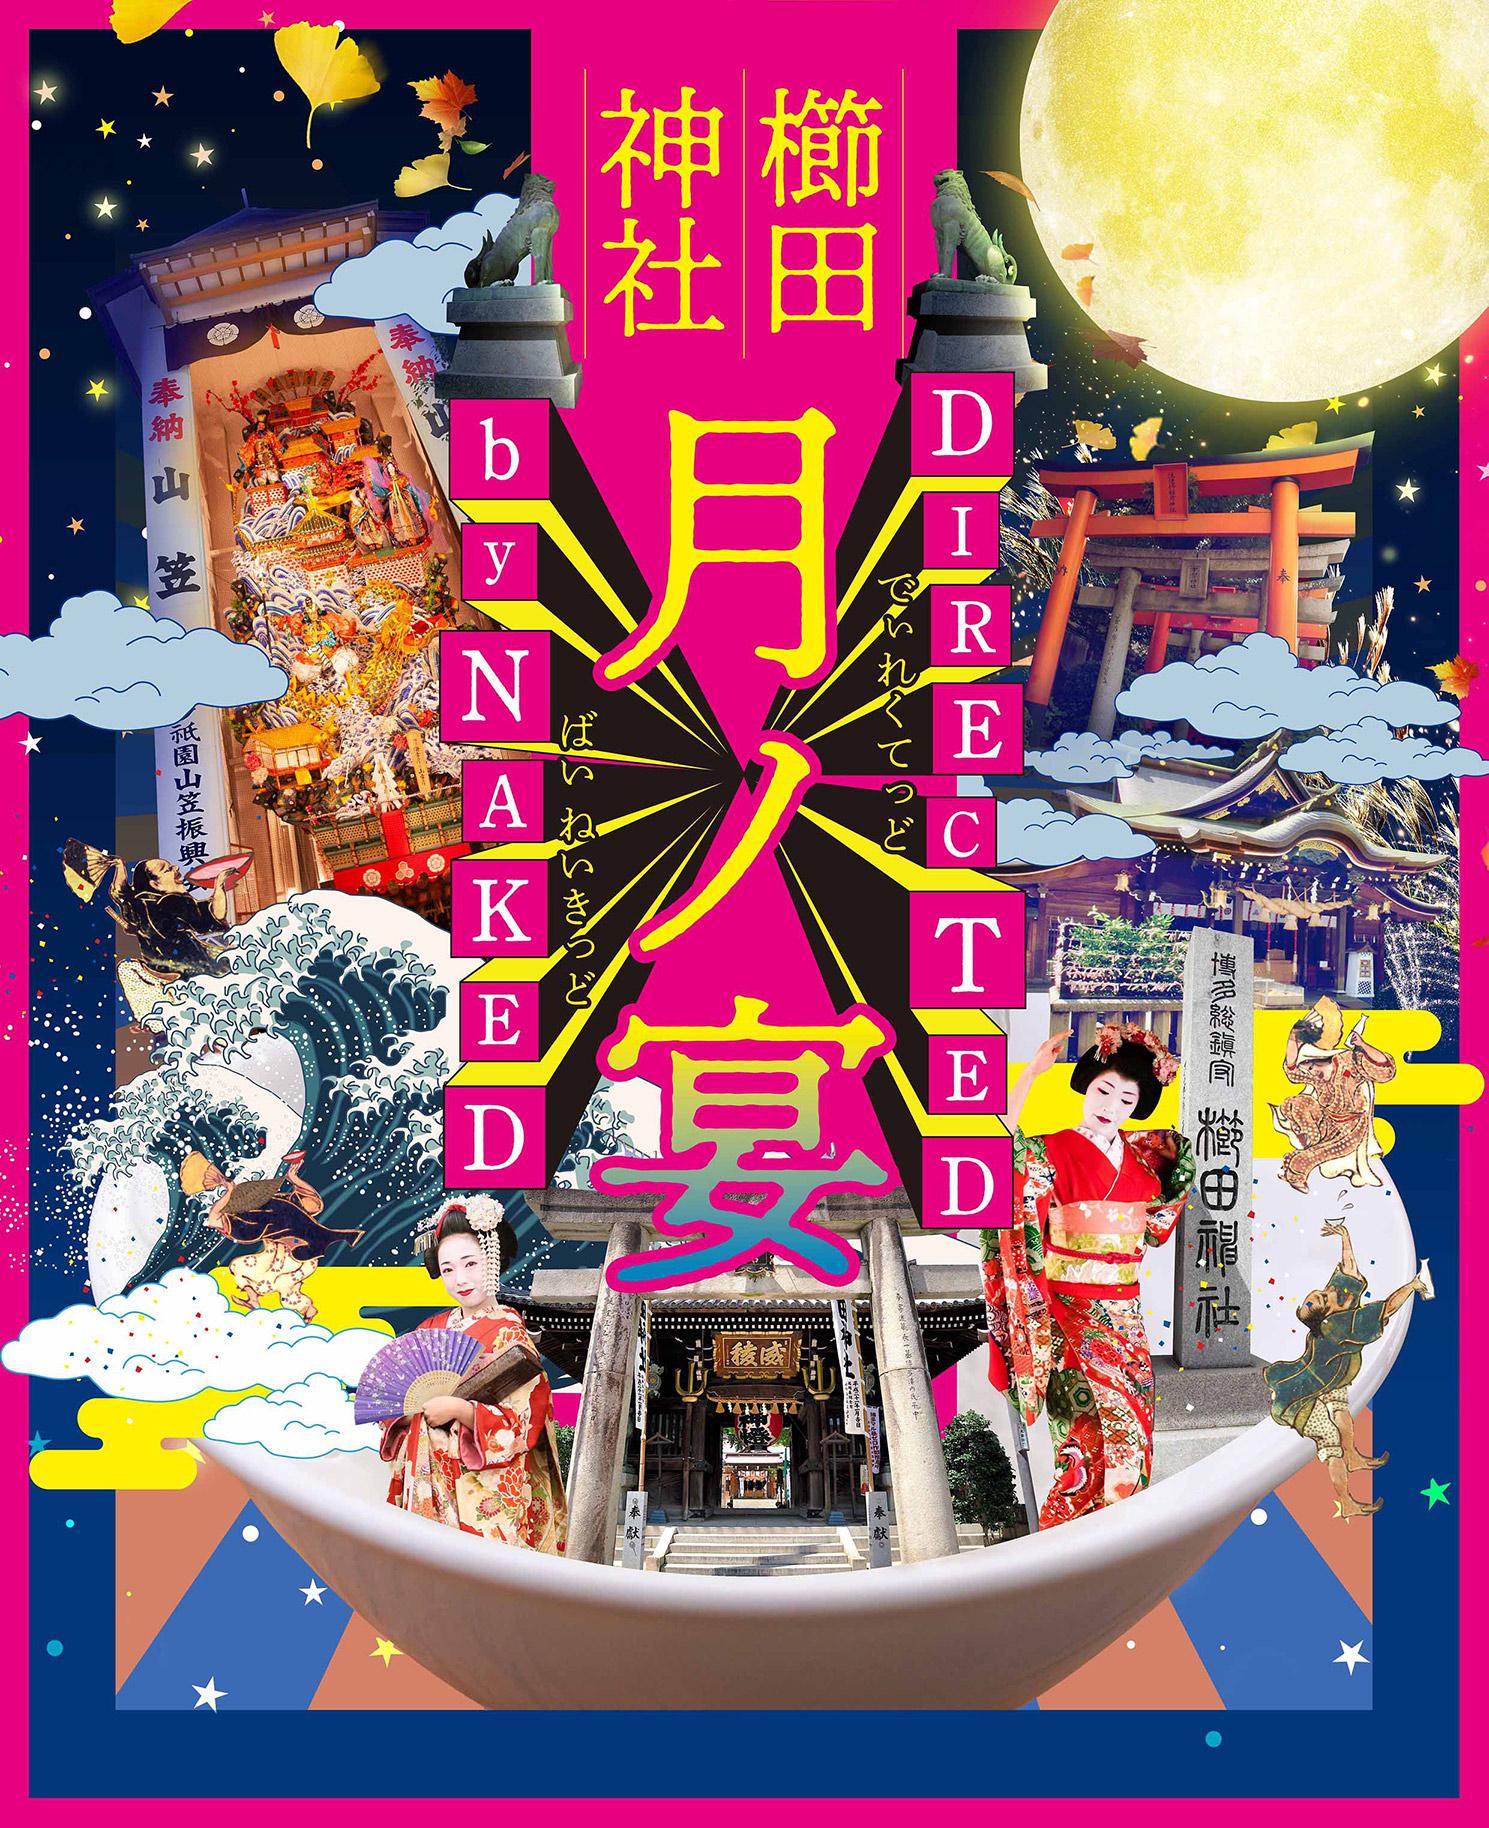 櫛田神社 月ノ宴 Directed by NAKED